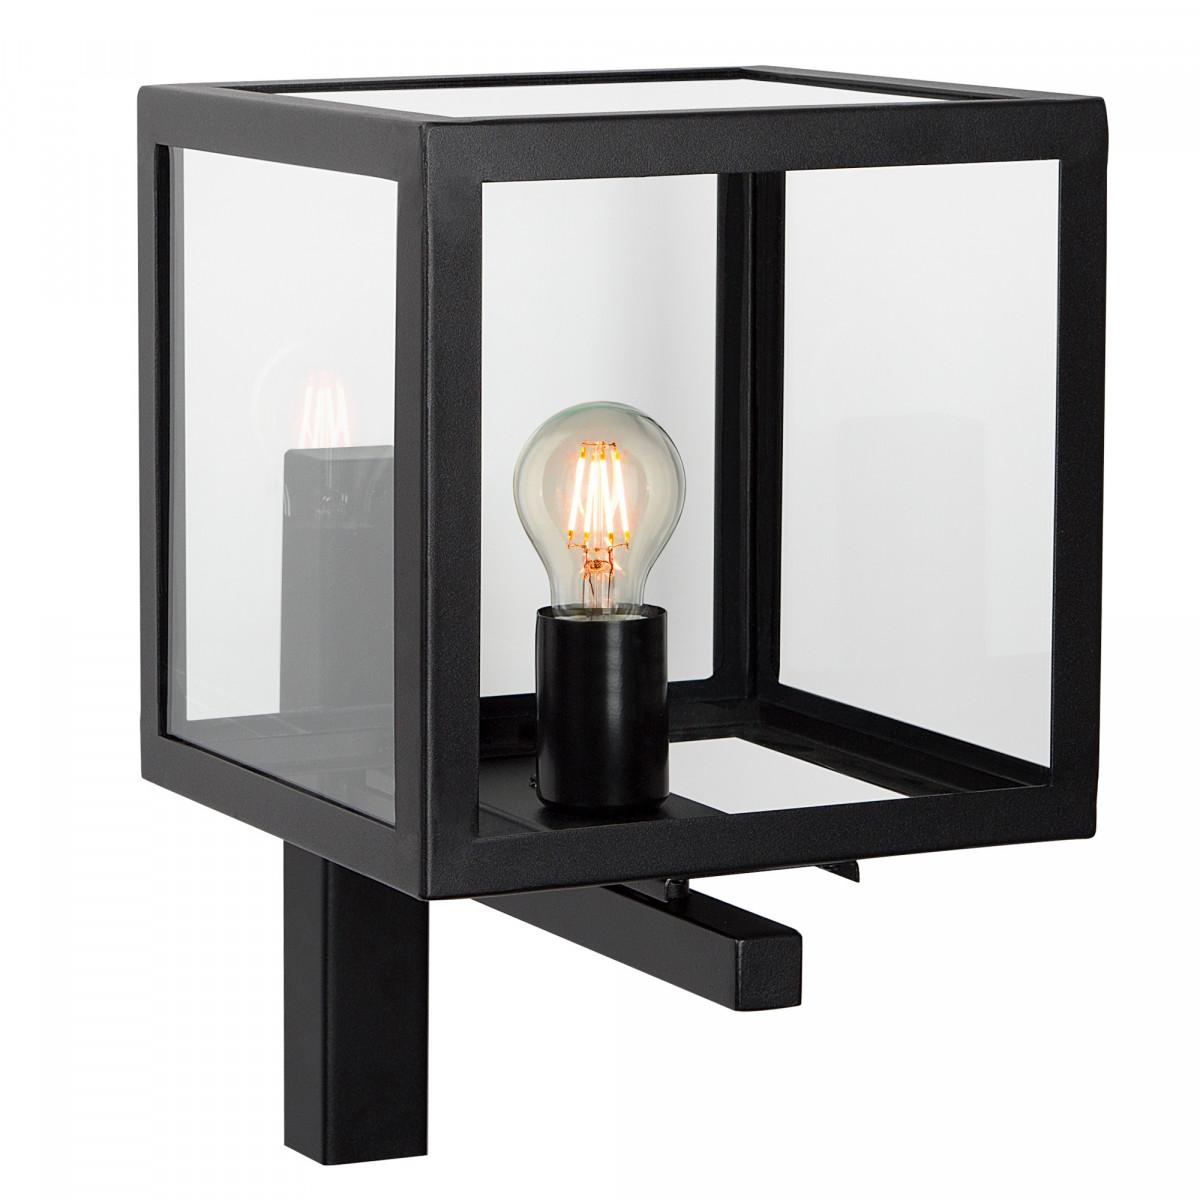 buitenlamp loosdrecht, strak stijlvol klassiek vormgegeven buitenverlichting, gevelverlichting vierkant tijdloos en strak van KS Verlichting